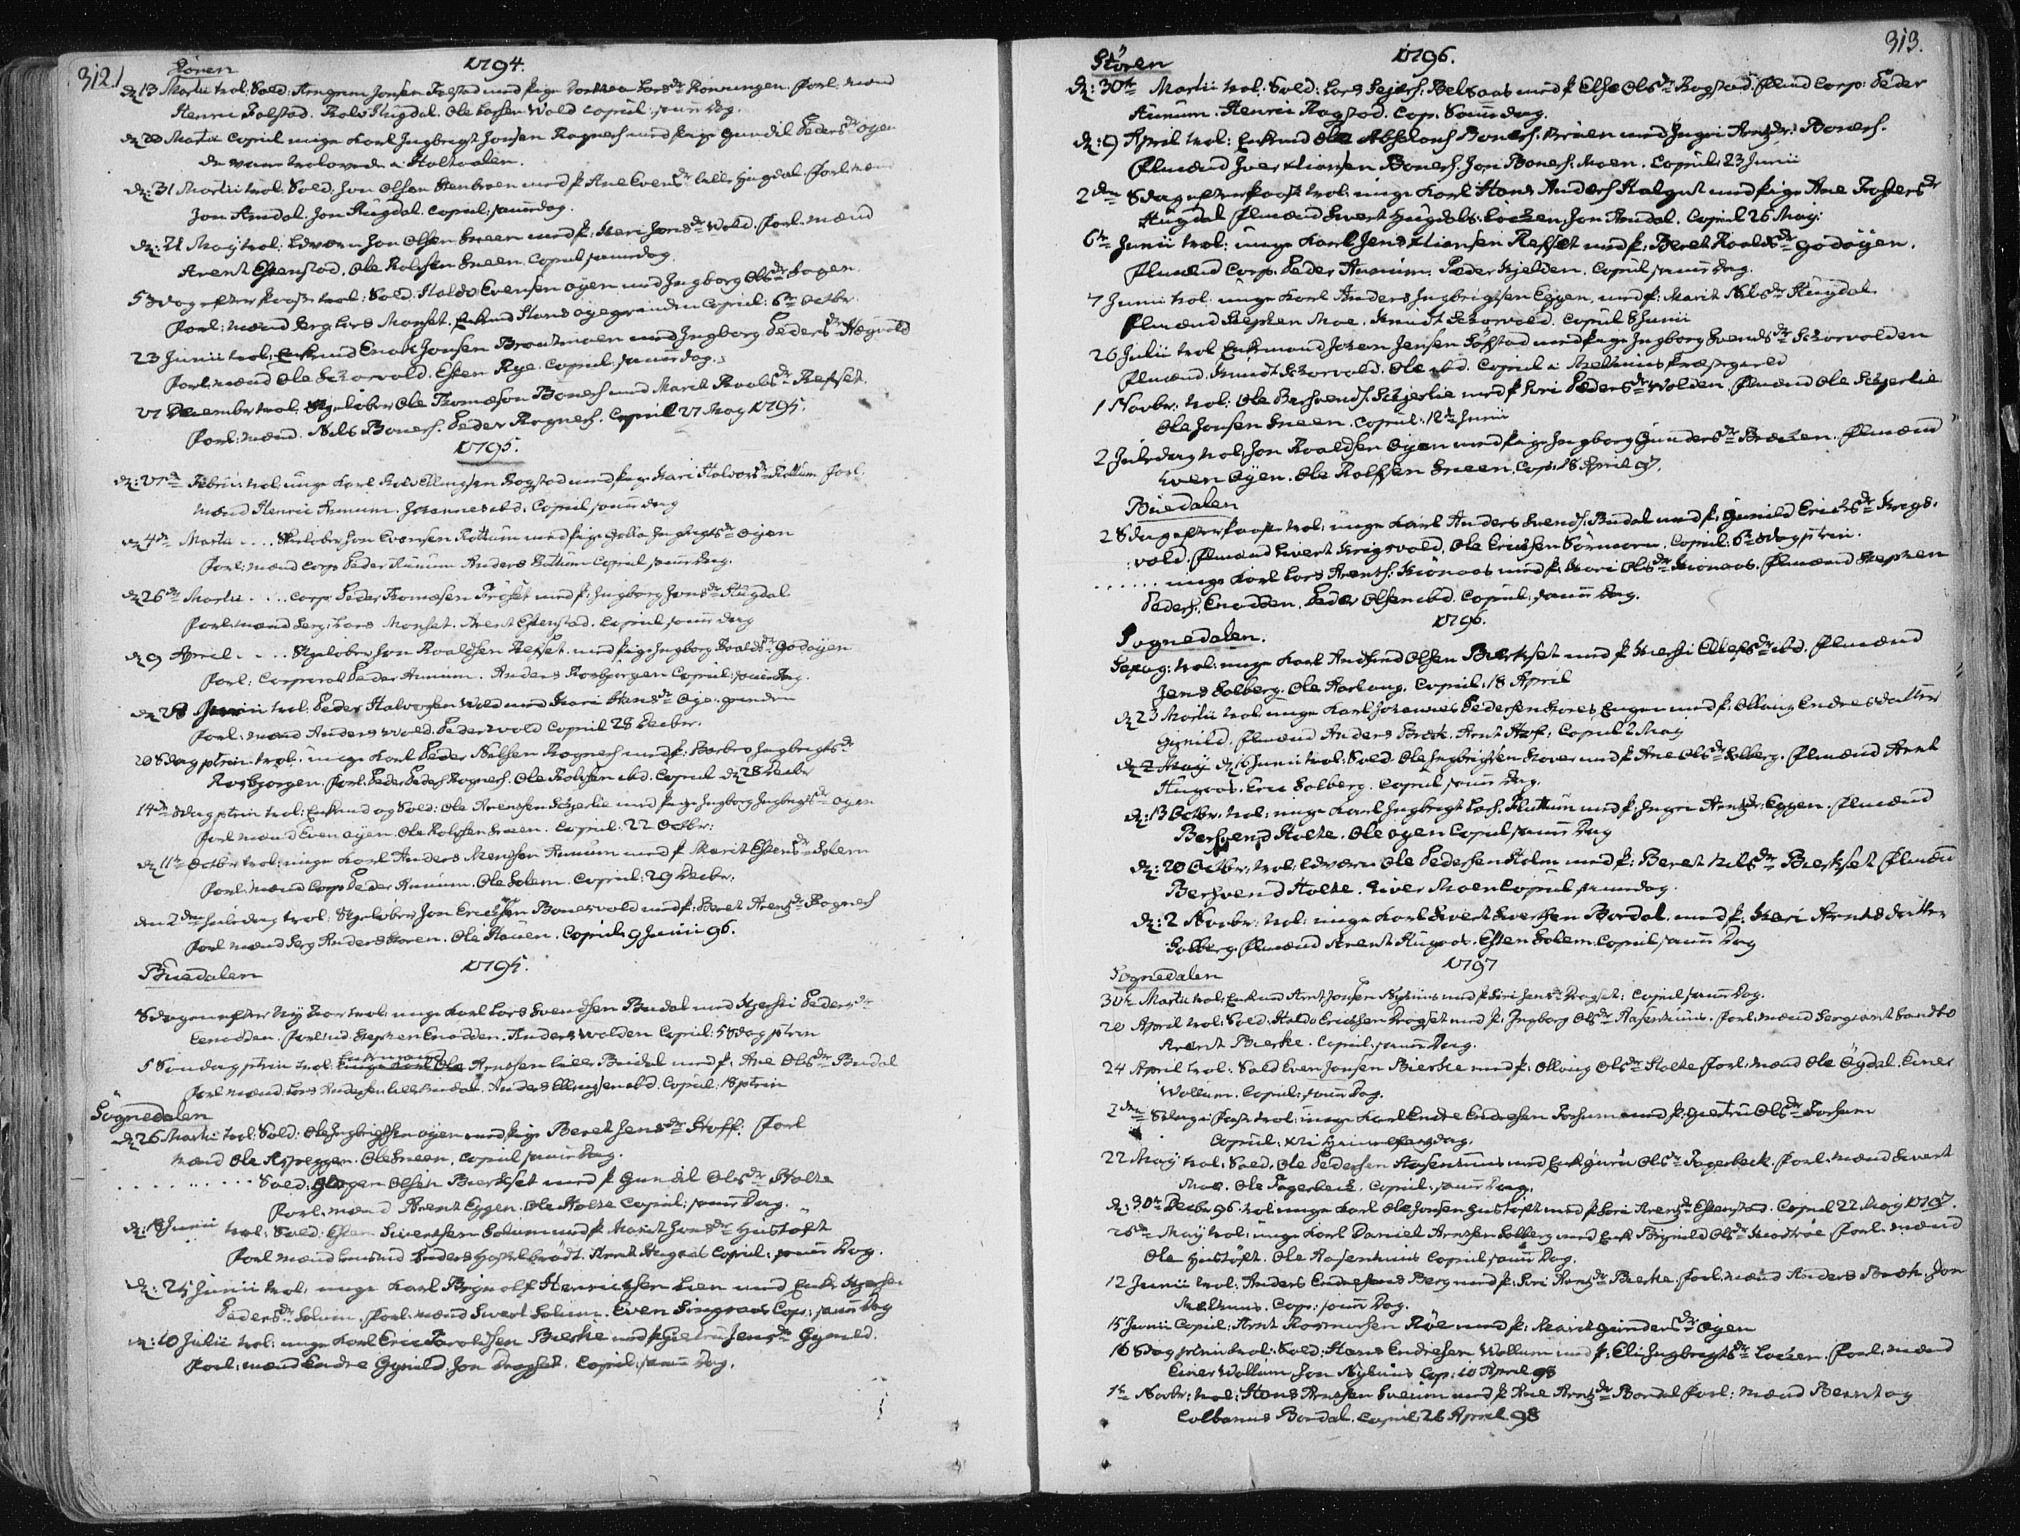 SAT, Ministerialprotokoller, klokkerbøker og fødselsregistre - Sør-Trøndelag, 687/L0992: Ministerialbok nr. 687A03 /1, 1788-1815, s. 312-313